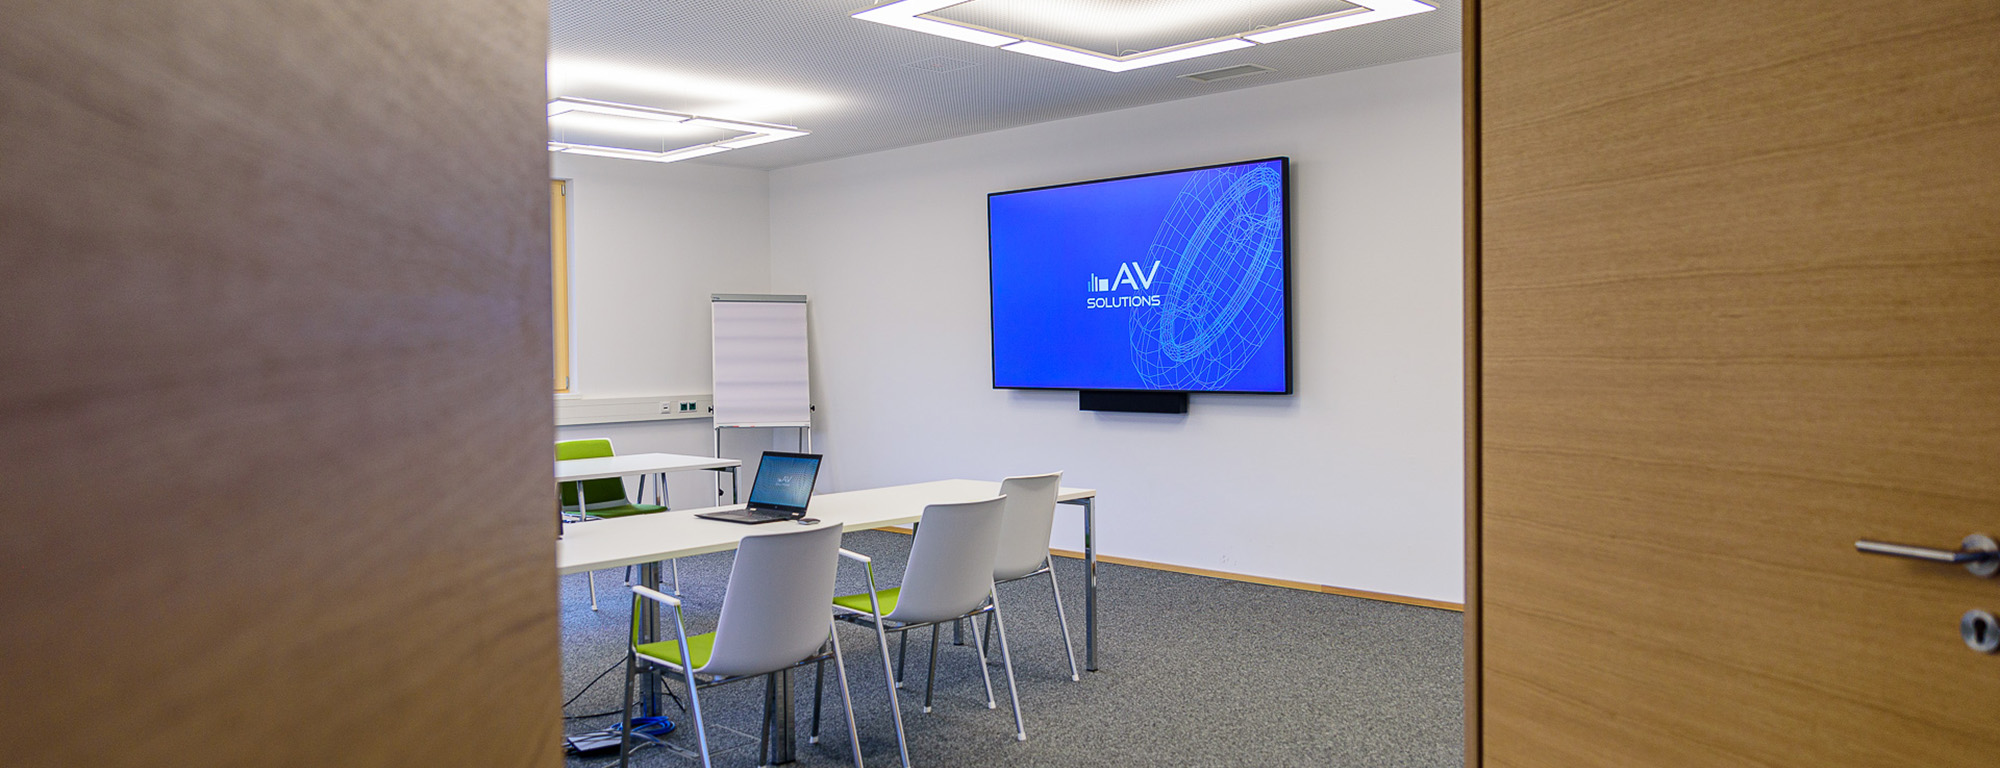 Konferenzräume am neuesten Stand der Technik